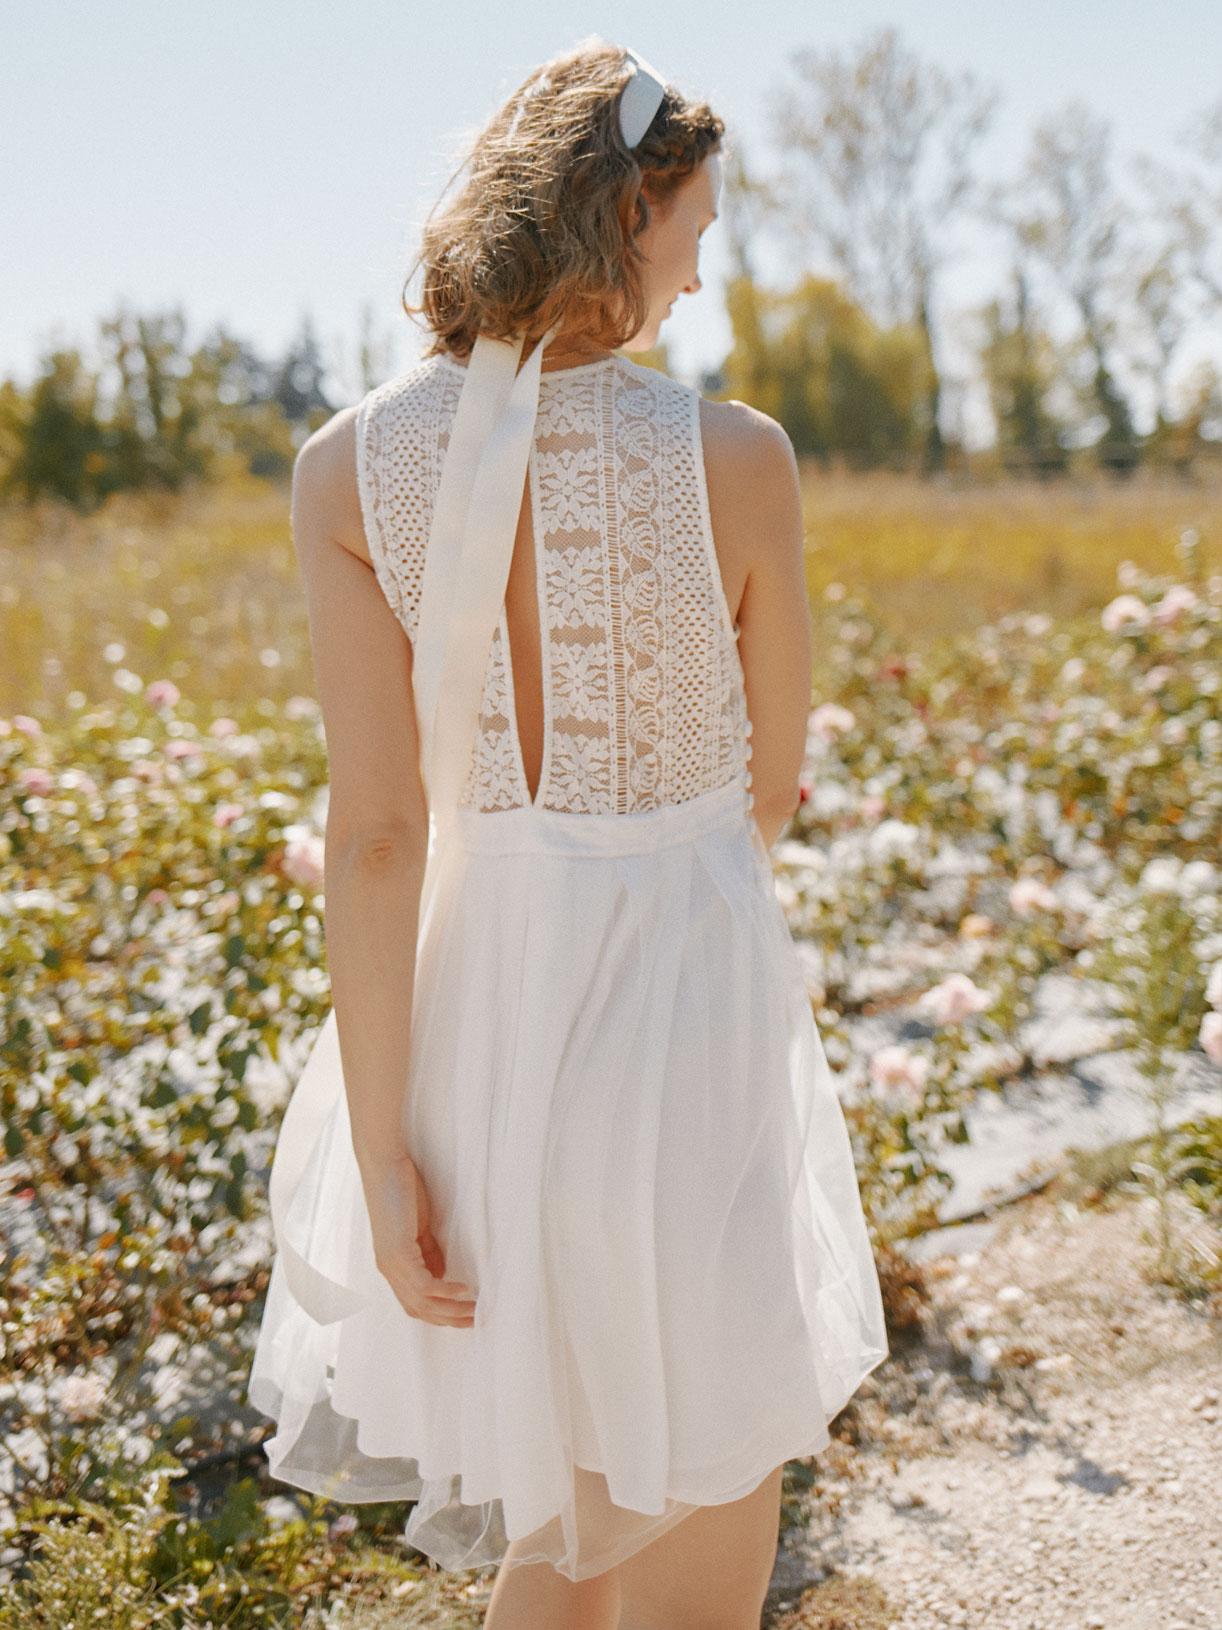 Robe de mariée civil courte en dentelle écoresponsable - Creatrice de robe de mariée éthique et bio a Paris - Myphilosophy